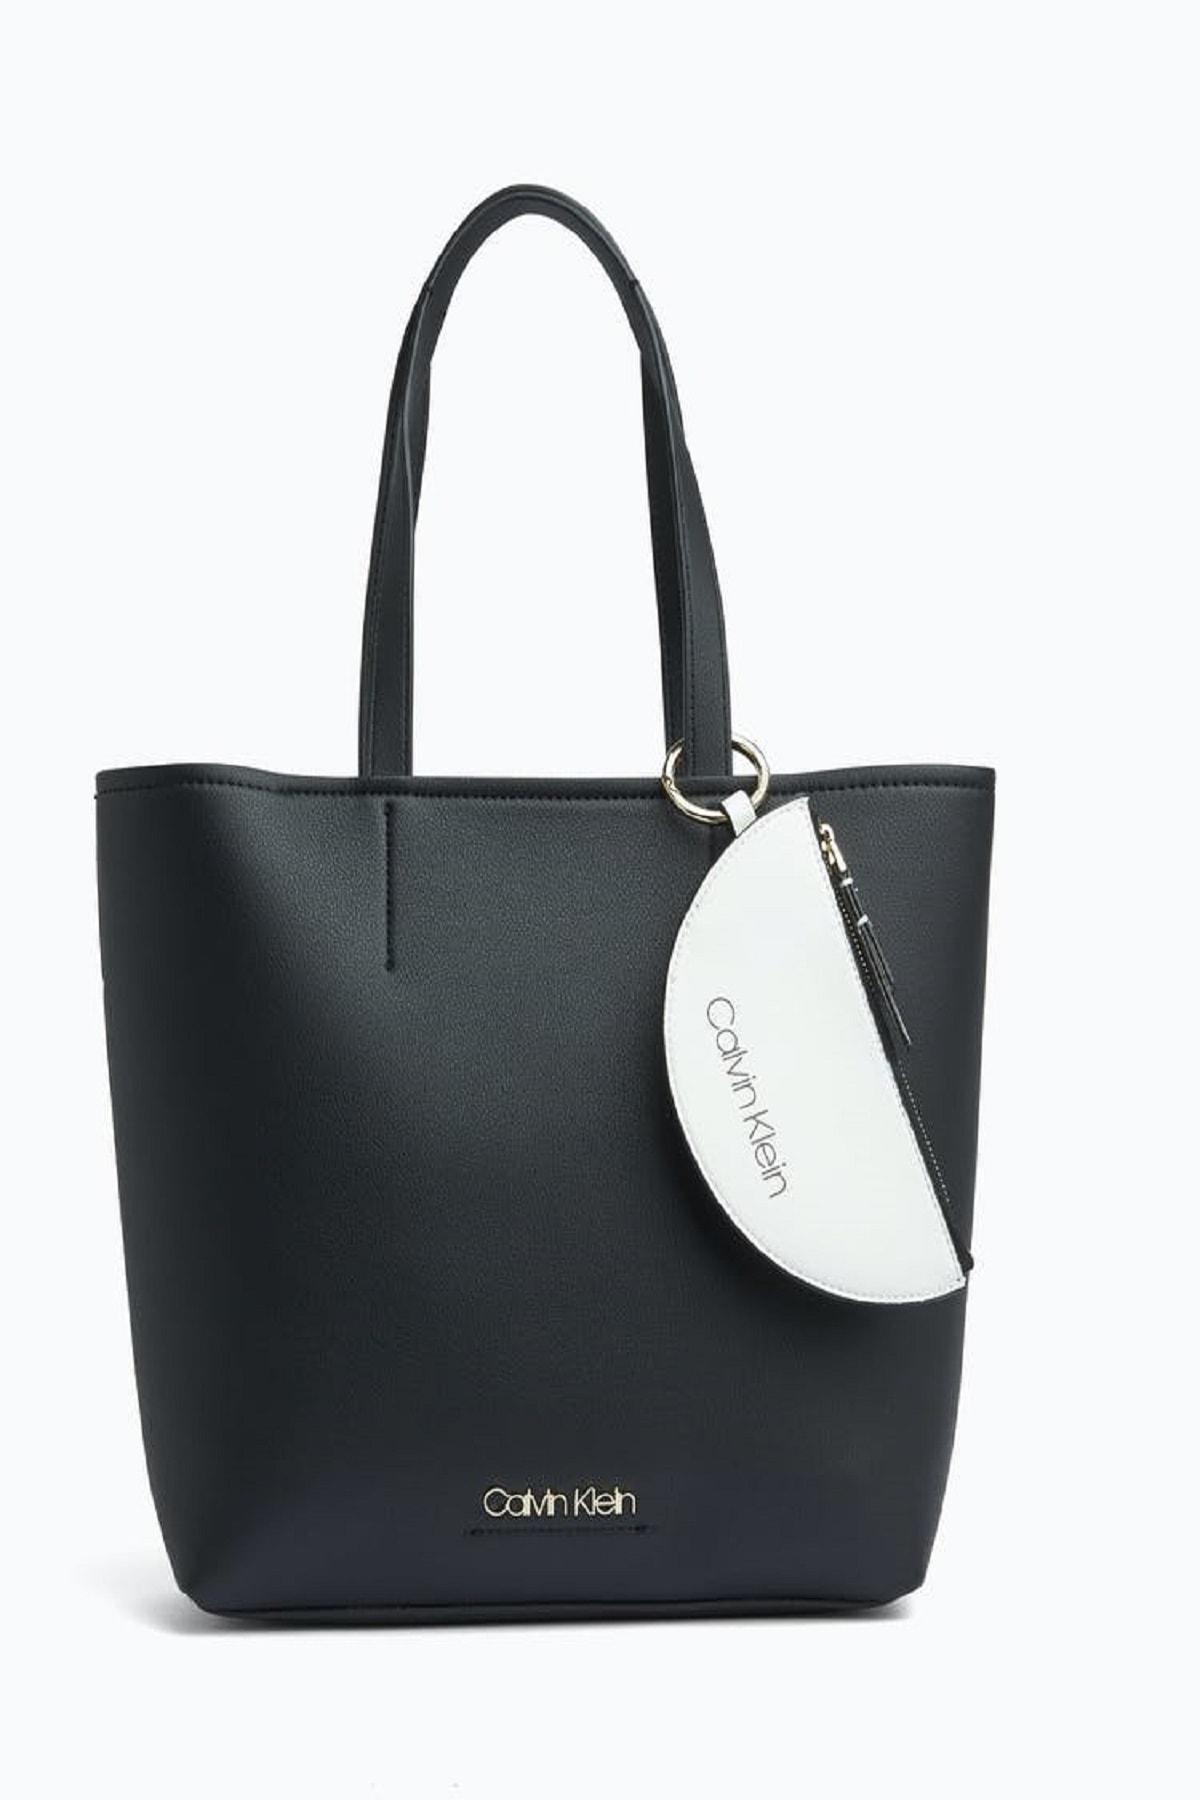 Calvin Klein Kadın Siyah Çanta 1